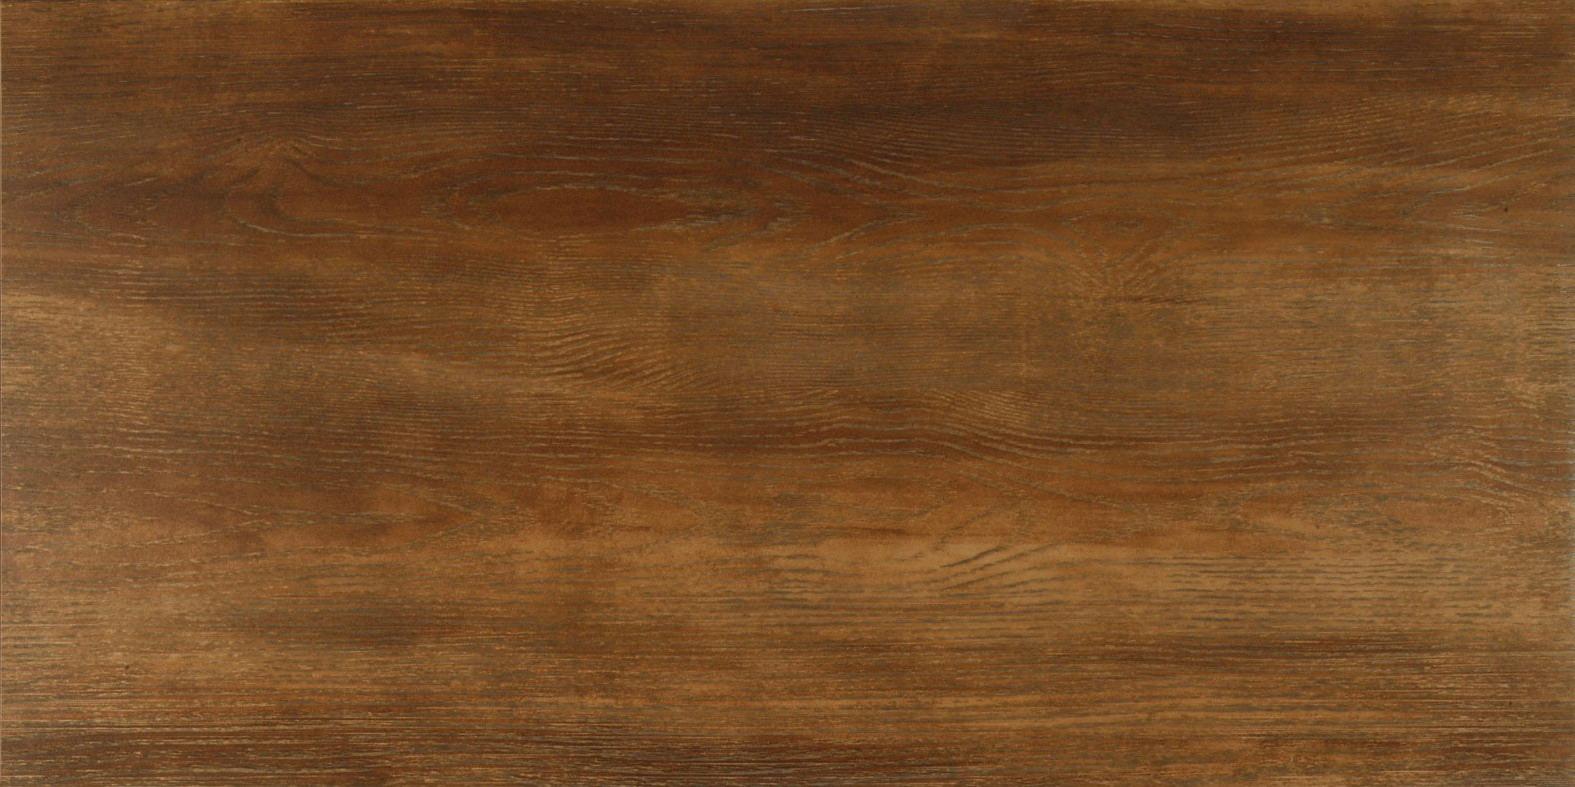 迷醉风情木纹砖-深咖啡色60*120